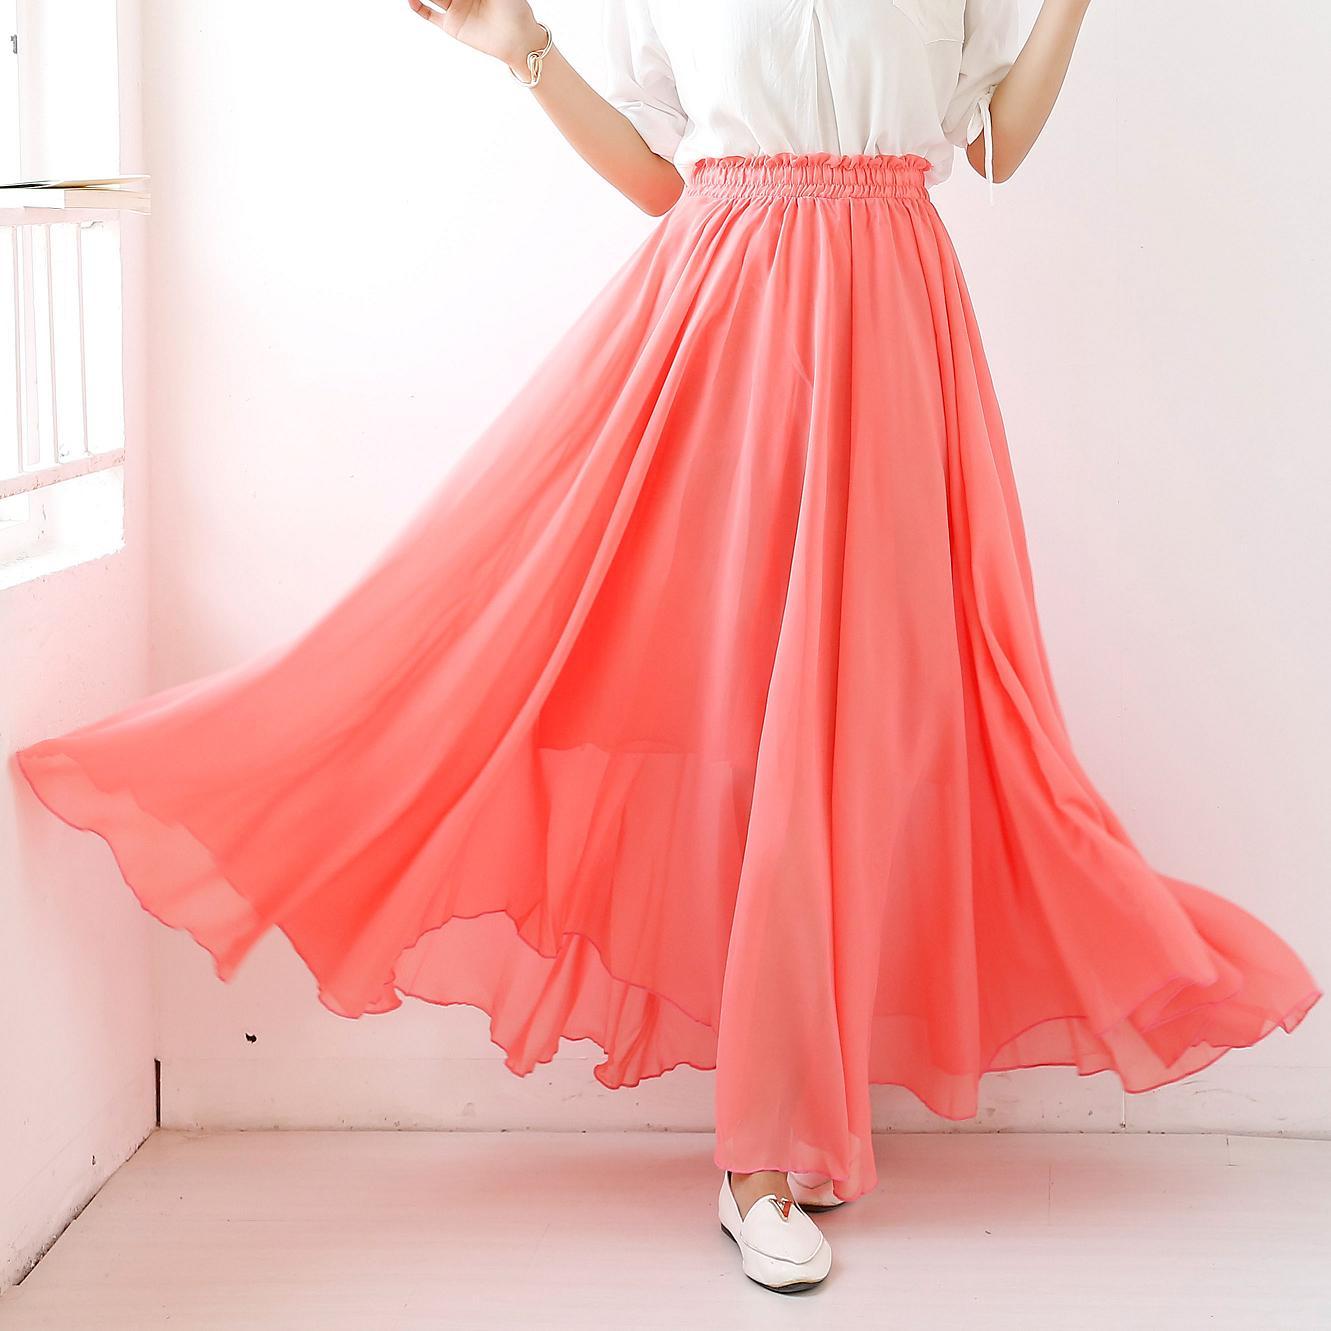 С чем носить коралловую юбку? Каким оттенкам отдать предпочтение?